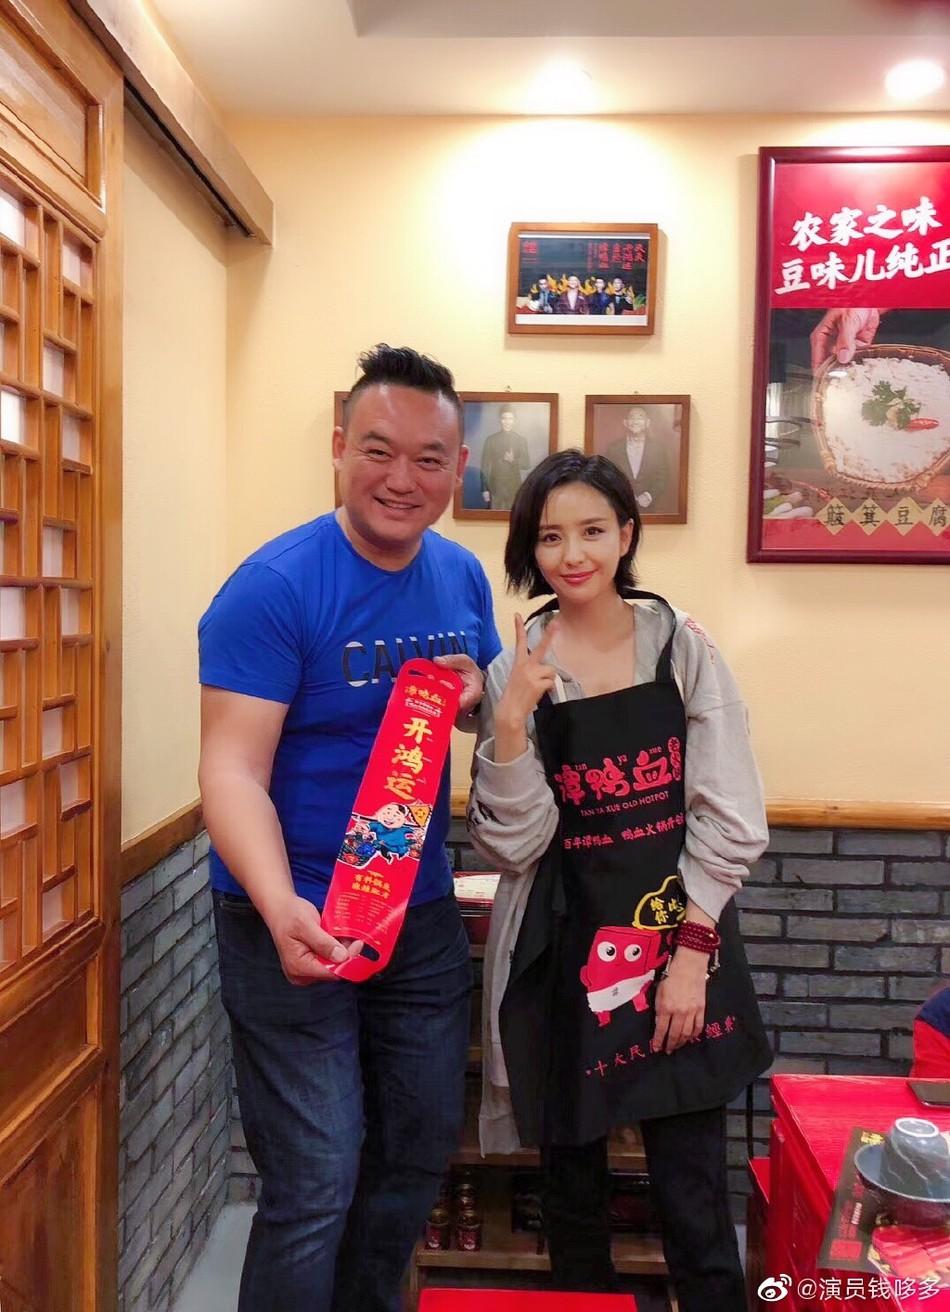 Buổi khai trương quán lẩu tại Bắc Kinh bất ngờ hot nhờ dàn sao hạng A Triệu Vy, Đồng Lệ Á tới chúc mừng - Ảnh 9.